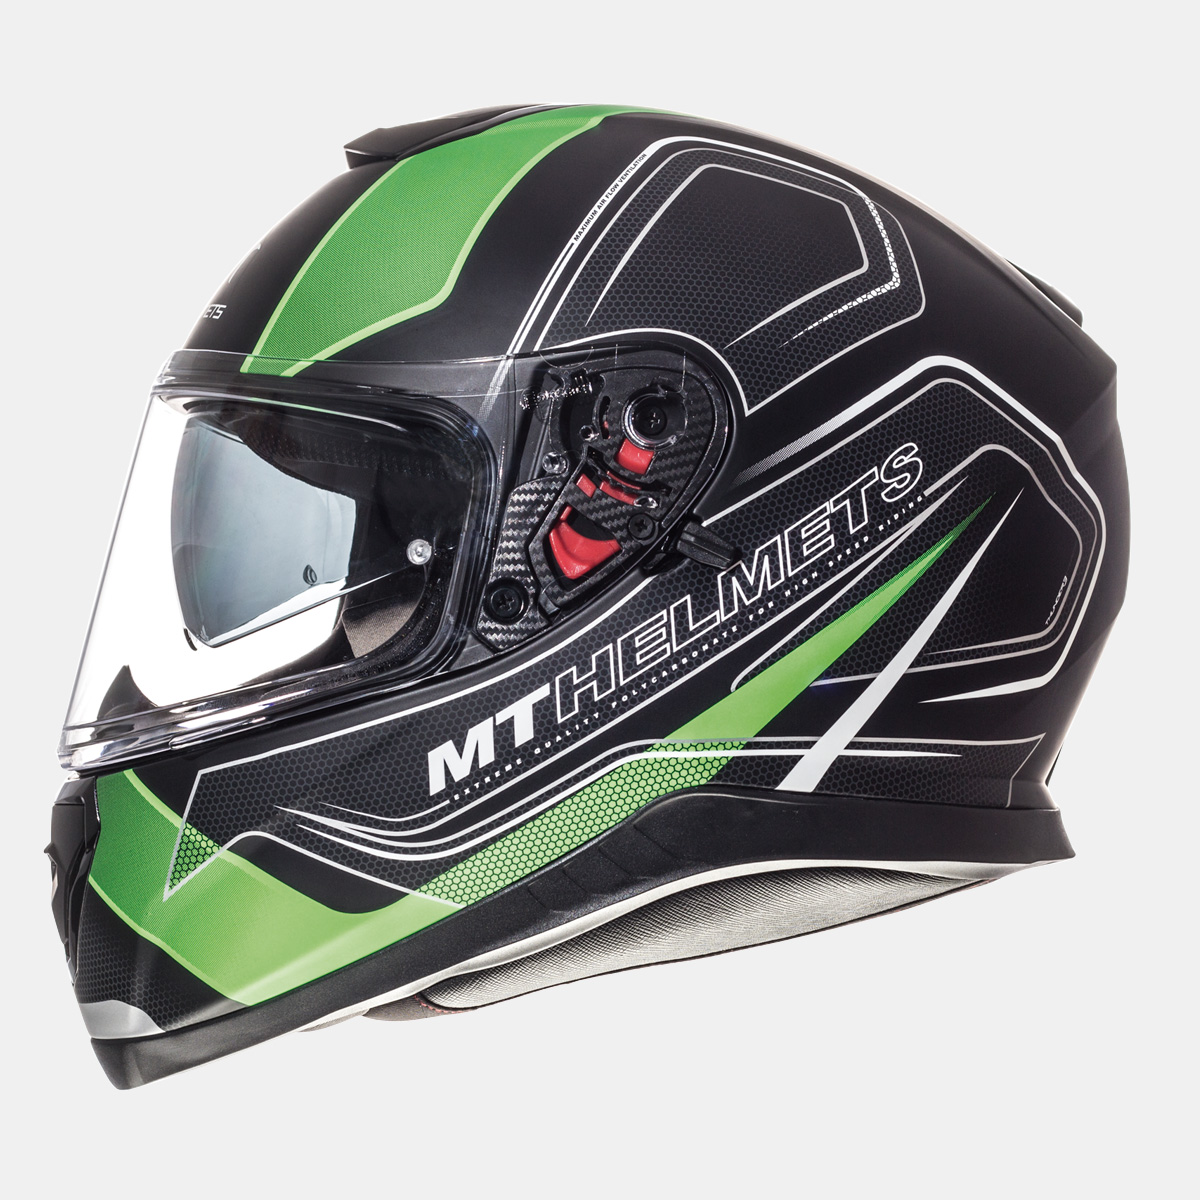 MT Thunder SV Trace zárt bukósisak matt fekete-zöld - Zozomoto ... ebae030d74